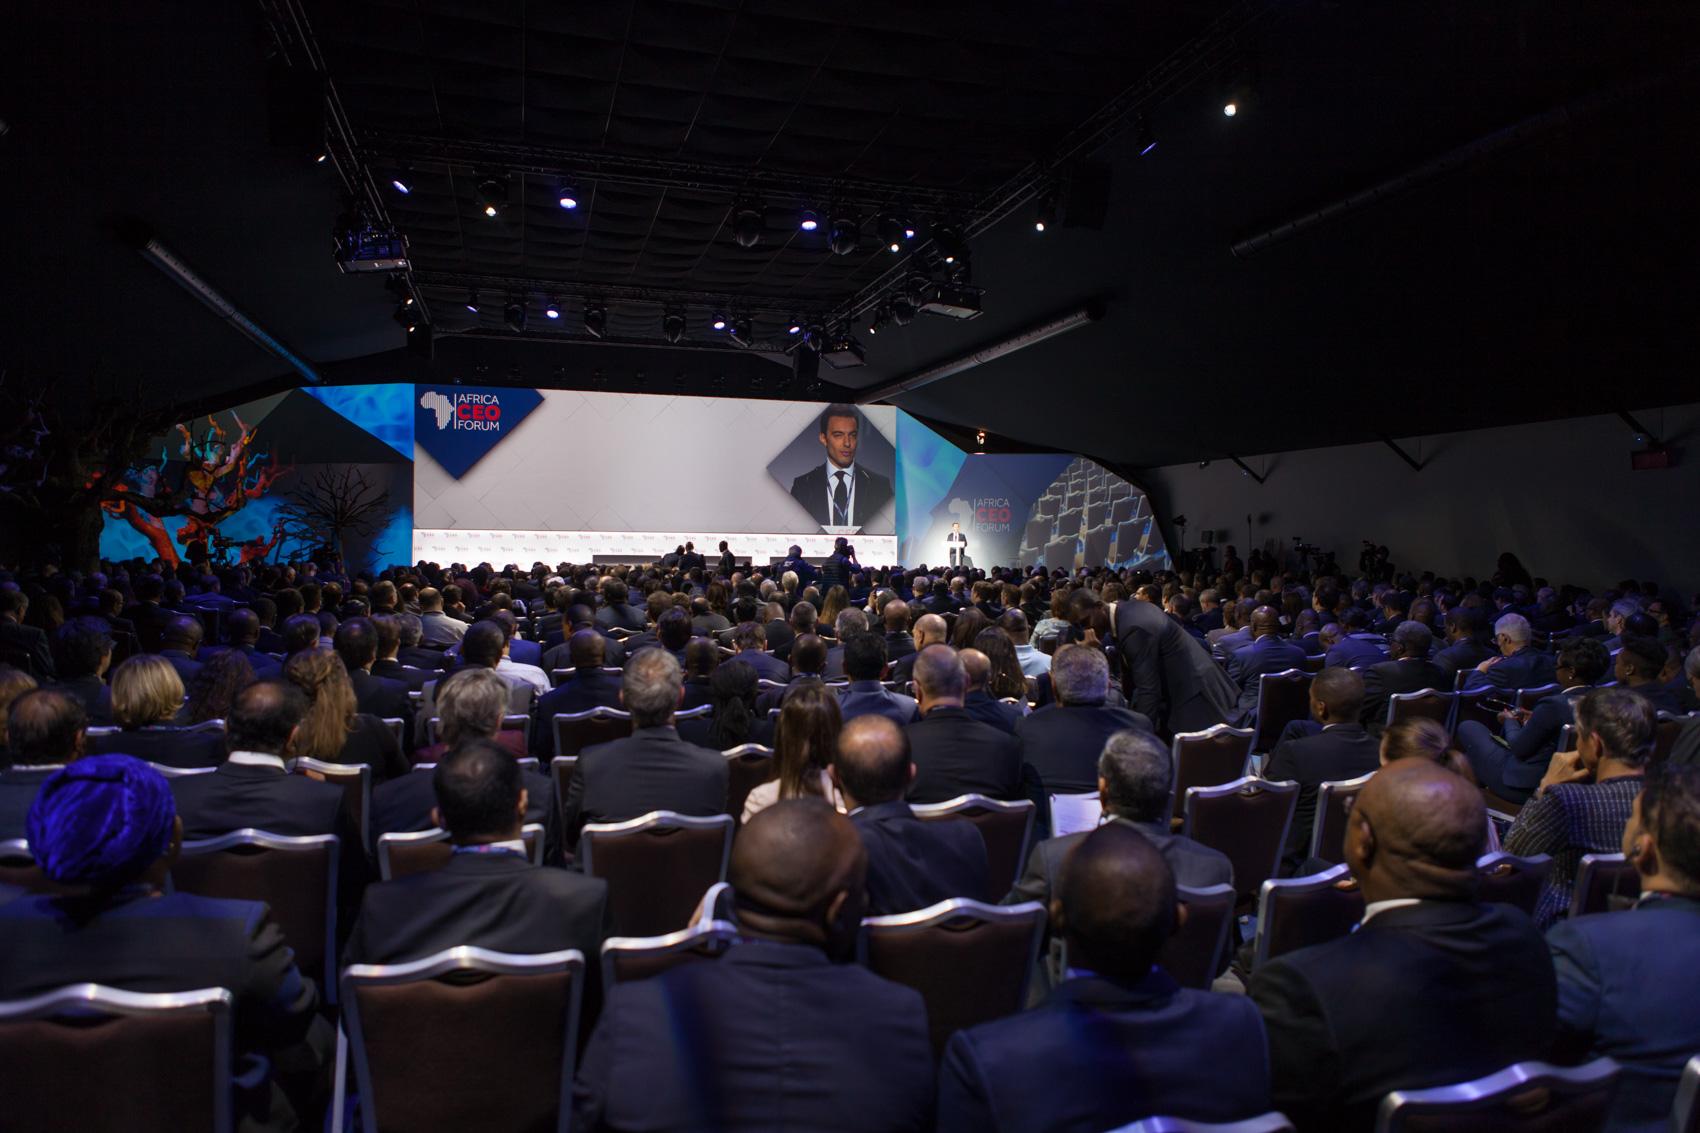 La 5ème Edition du Africa CEO Forum s'ouvre sur un Appel à Réinventer un Nouveau 'Business Model' Africain